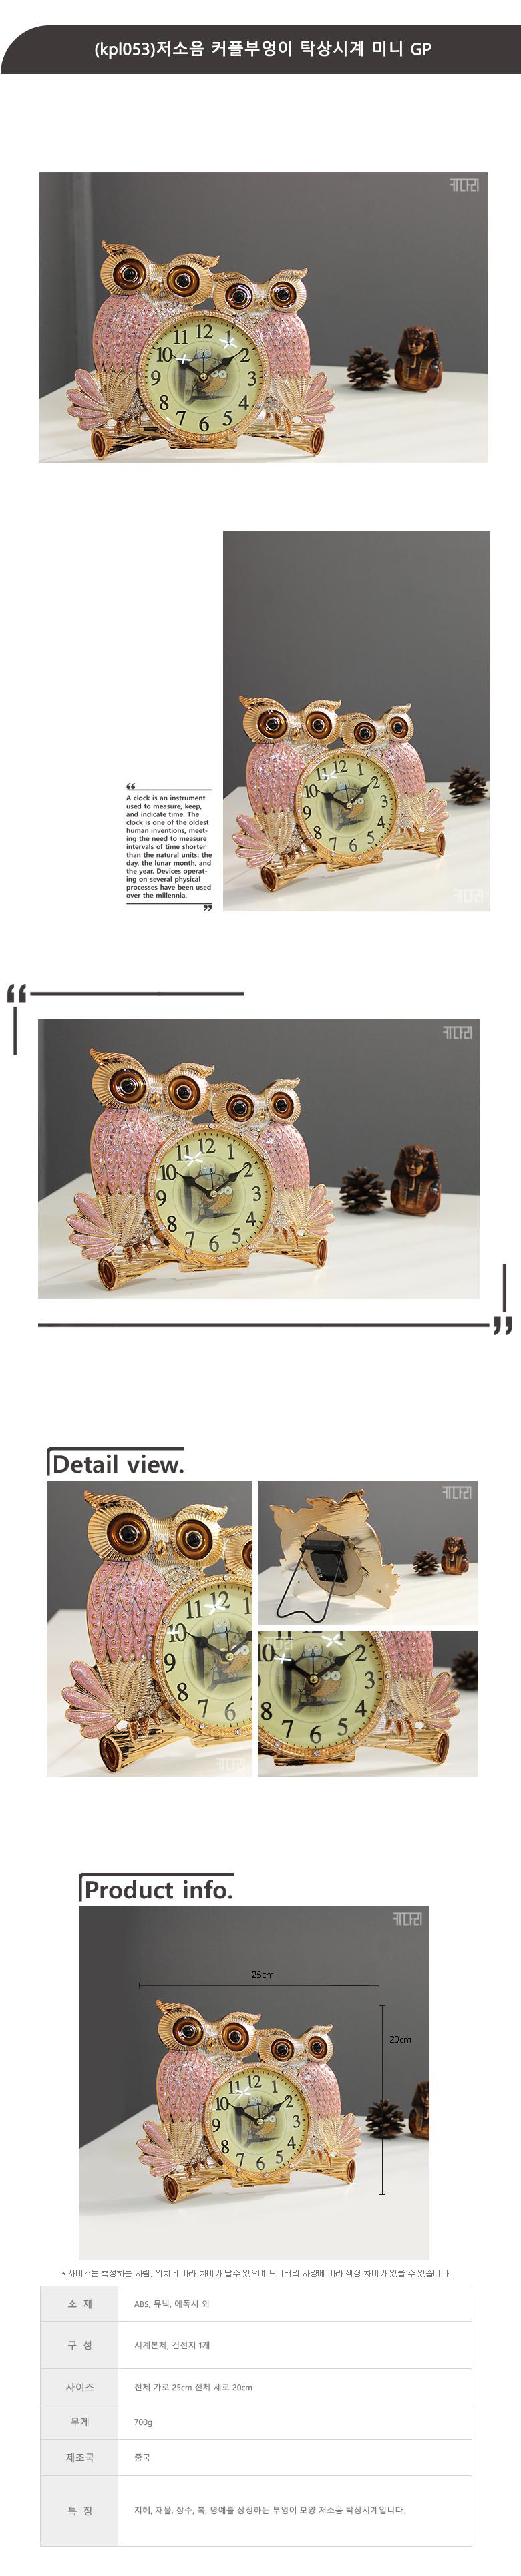 (kpl053)저소음 커플부엉이 탁상시계 미니 GP - 키다리, 55,000원, 탁상시계, 앤틱